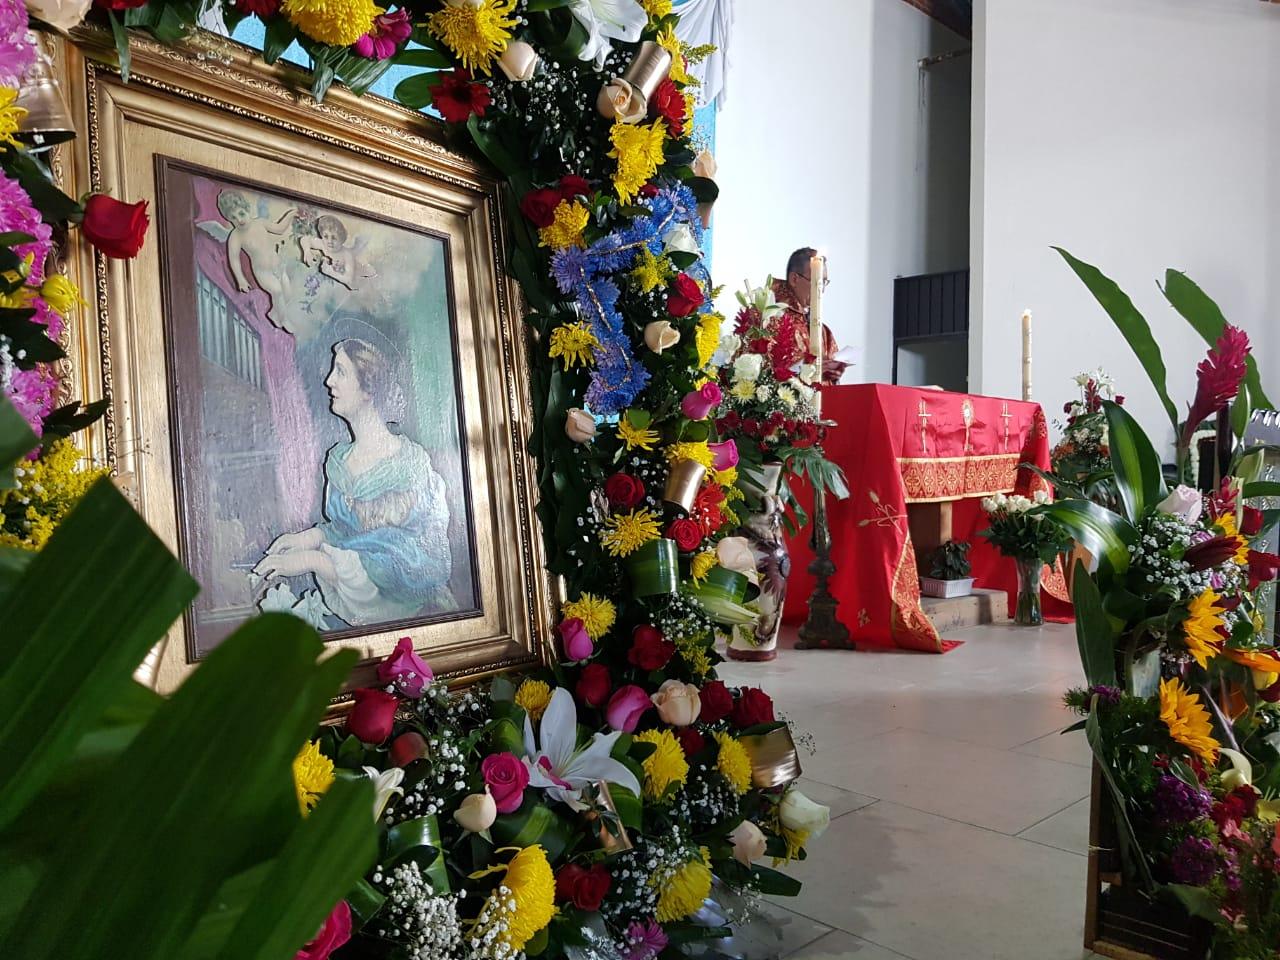 Las sociedades musicales de España celebran la festividad de Santa Cecilia